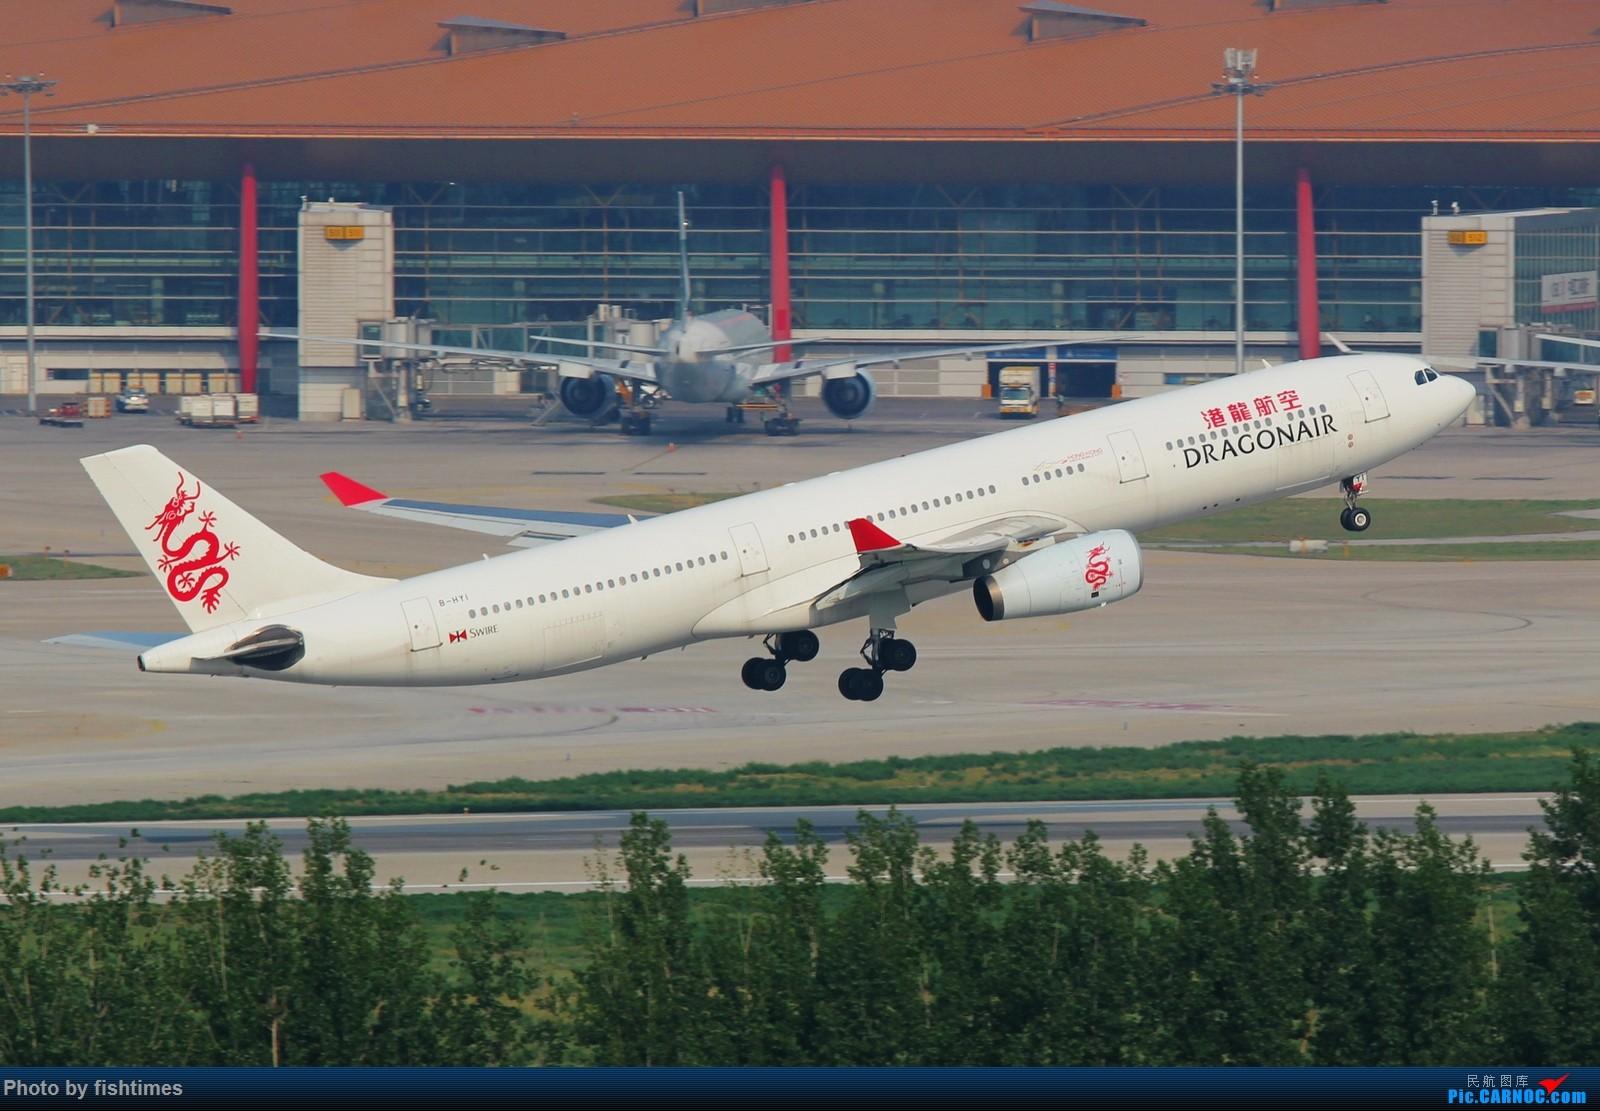 Re:[原创]【PEK】【***庆祝五一国际劳动节***】20150502_RWY01一组 AIRBUS A330-300 B-HYI 中国北京首都国际机场